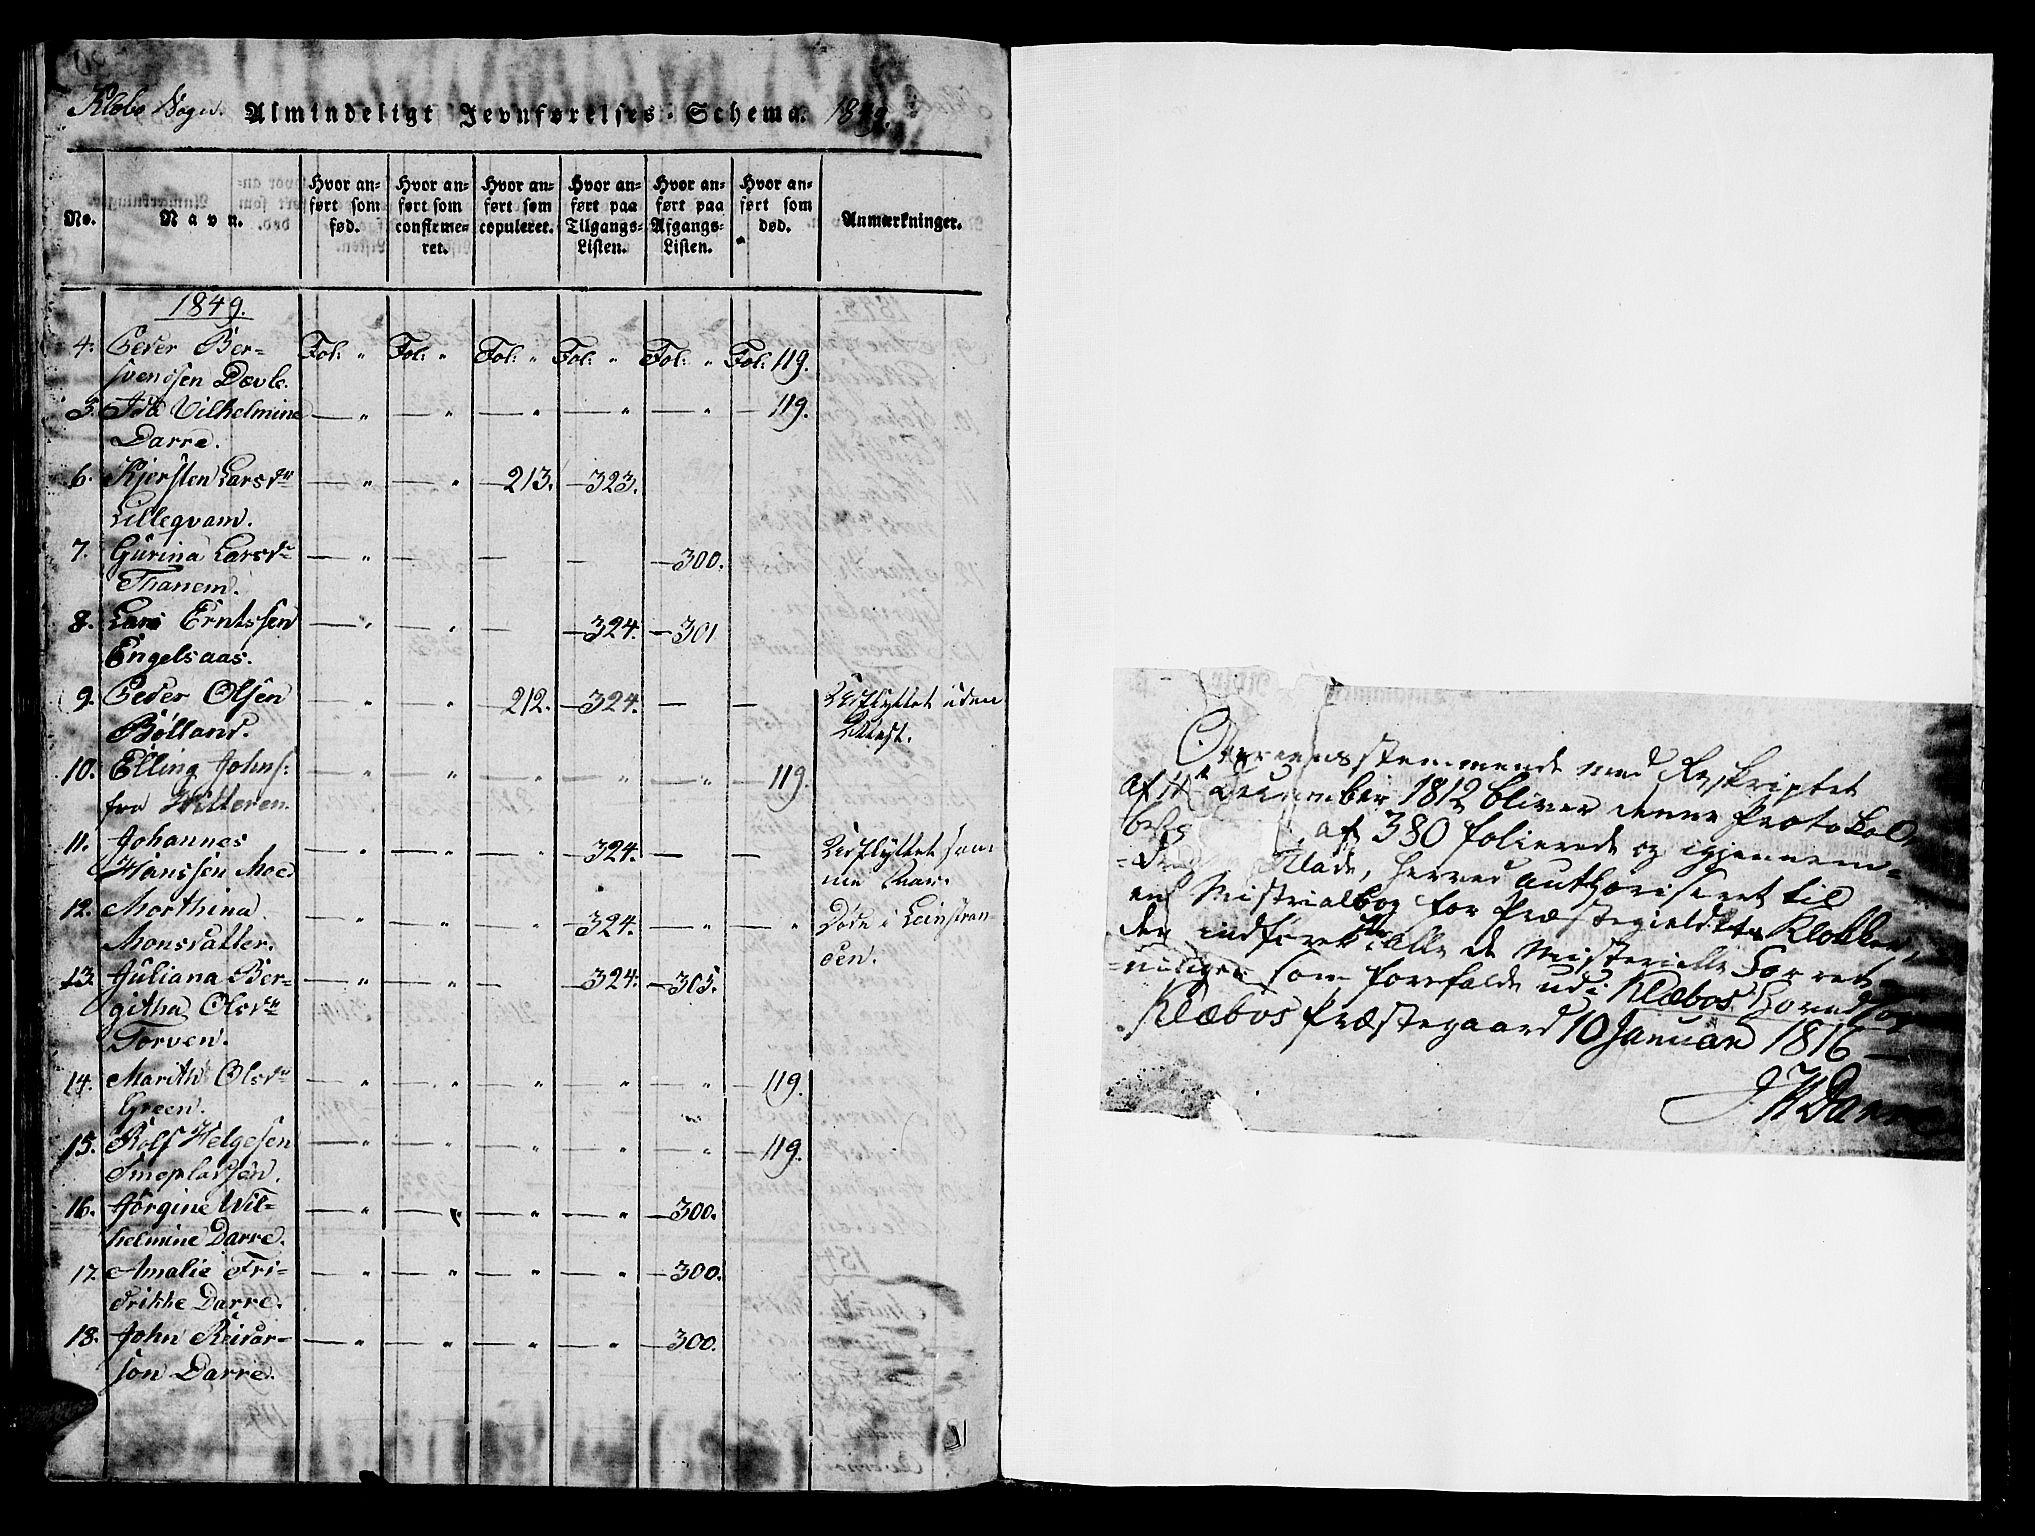 SAT, Ministerialprotokoller, klokkerbøker og fødselsregistre - Sør-Trøndelag, 618/L0450: Klokkerbok nr. 618C01, 1816-1865